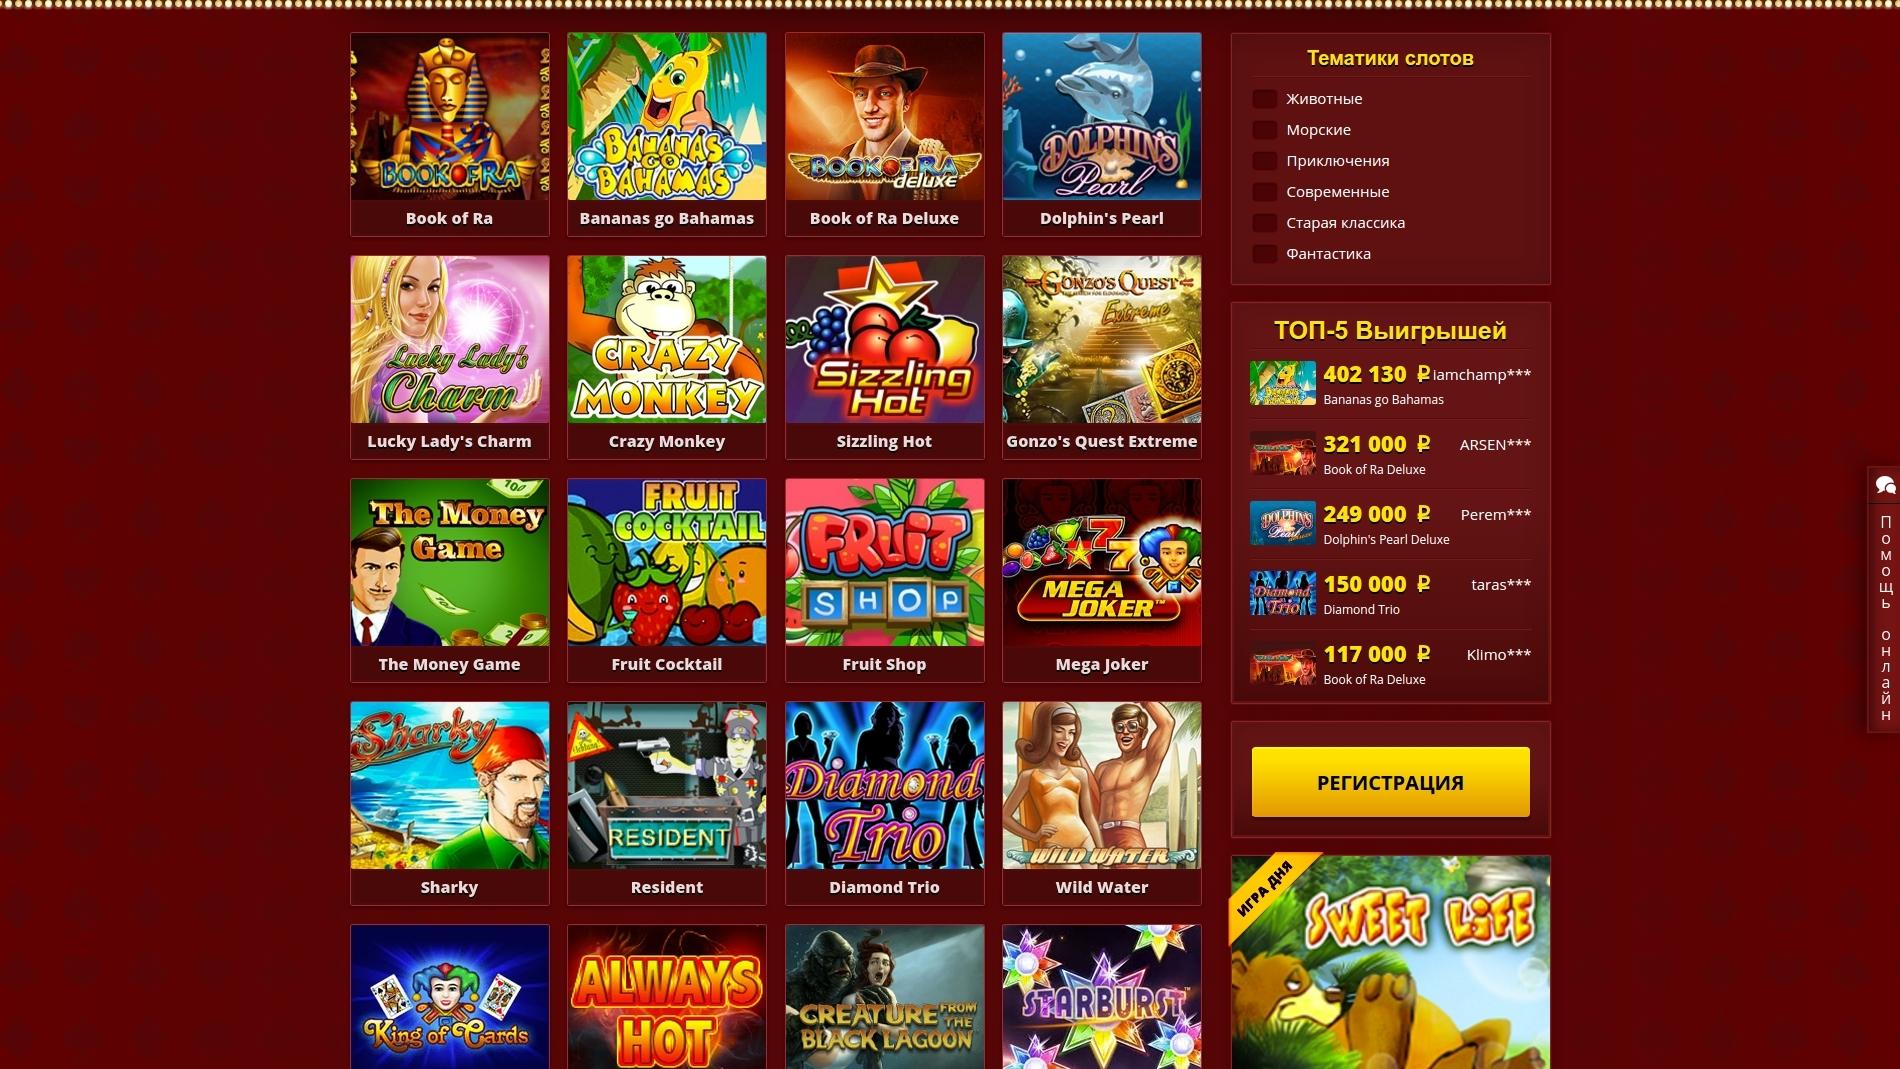 Бонусы на популярных игровых слот автоматах на сайте онлайн казино Максбетслотс